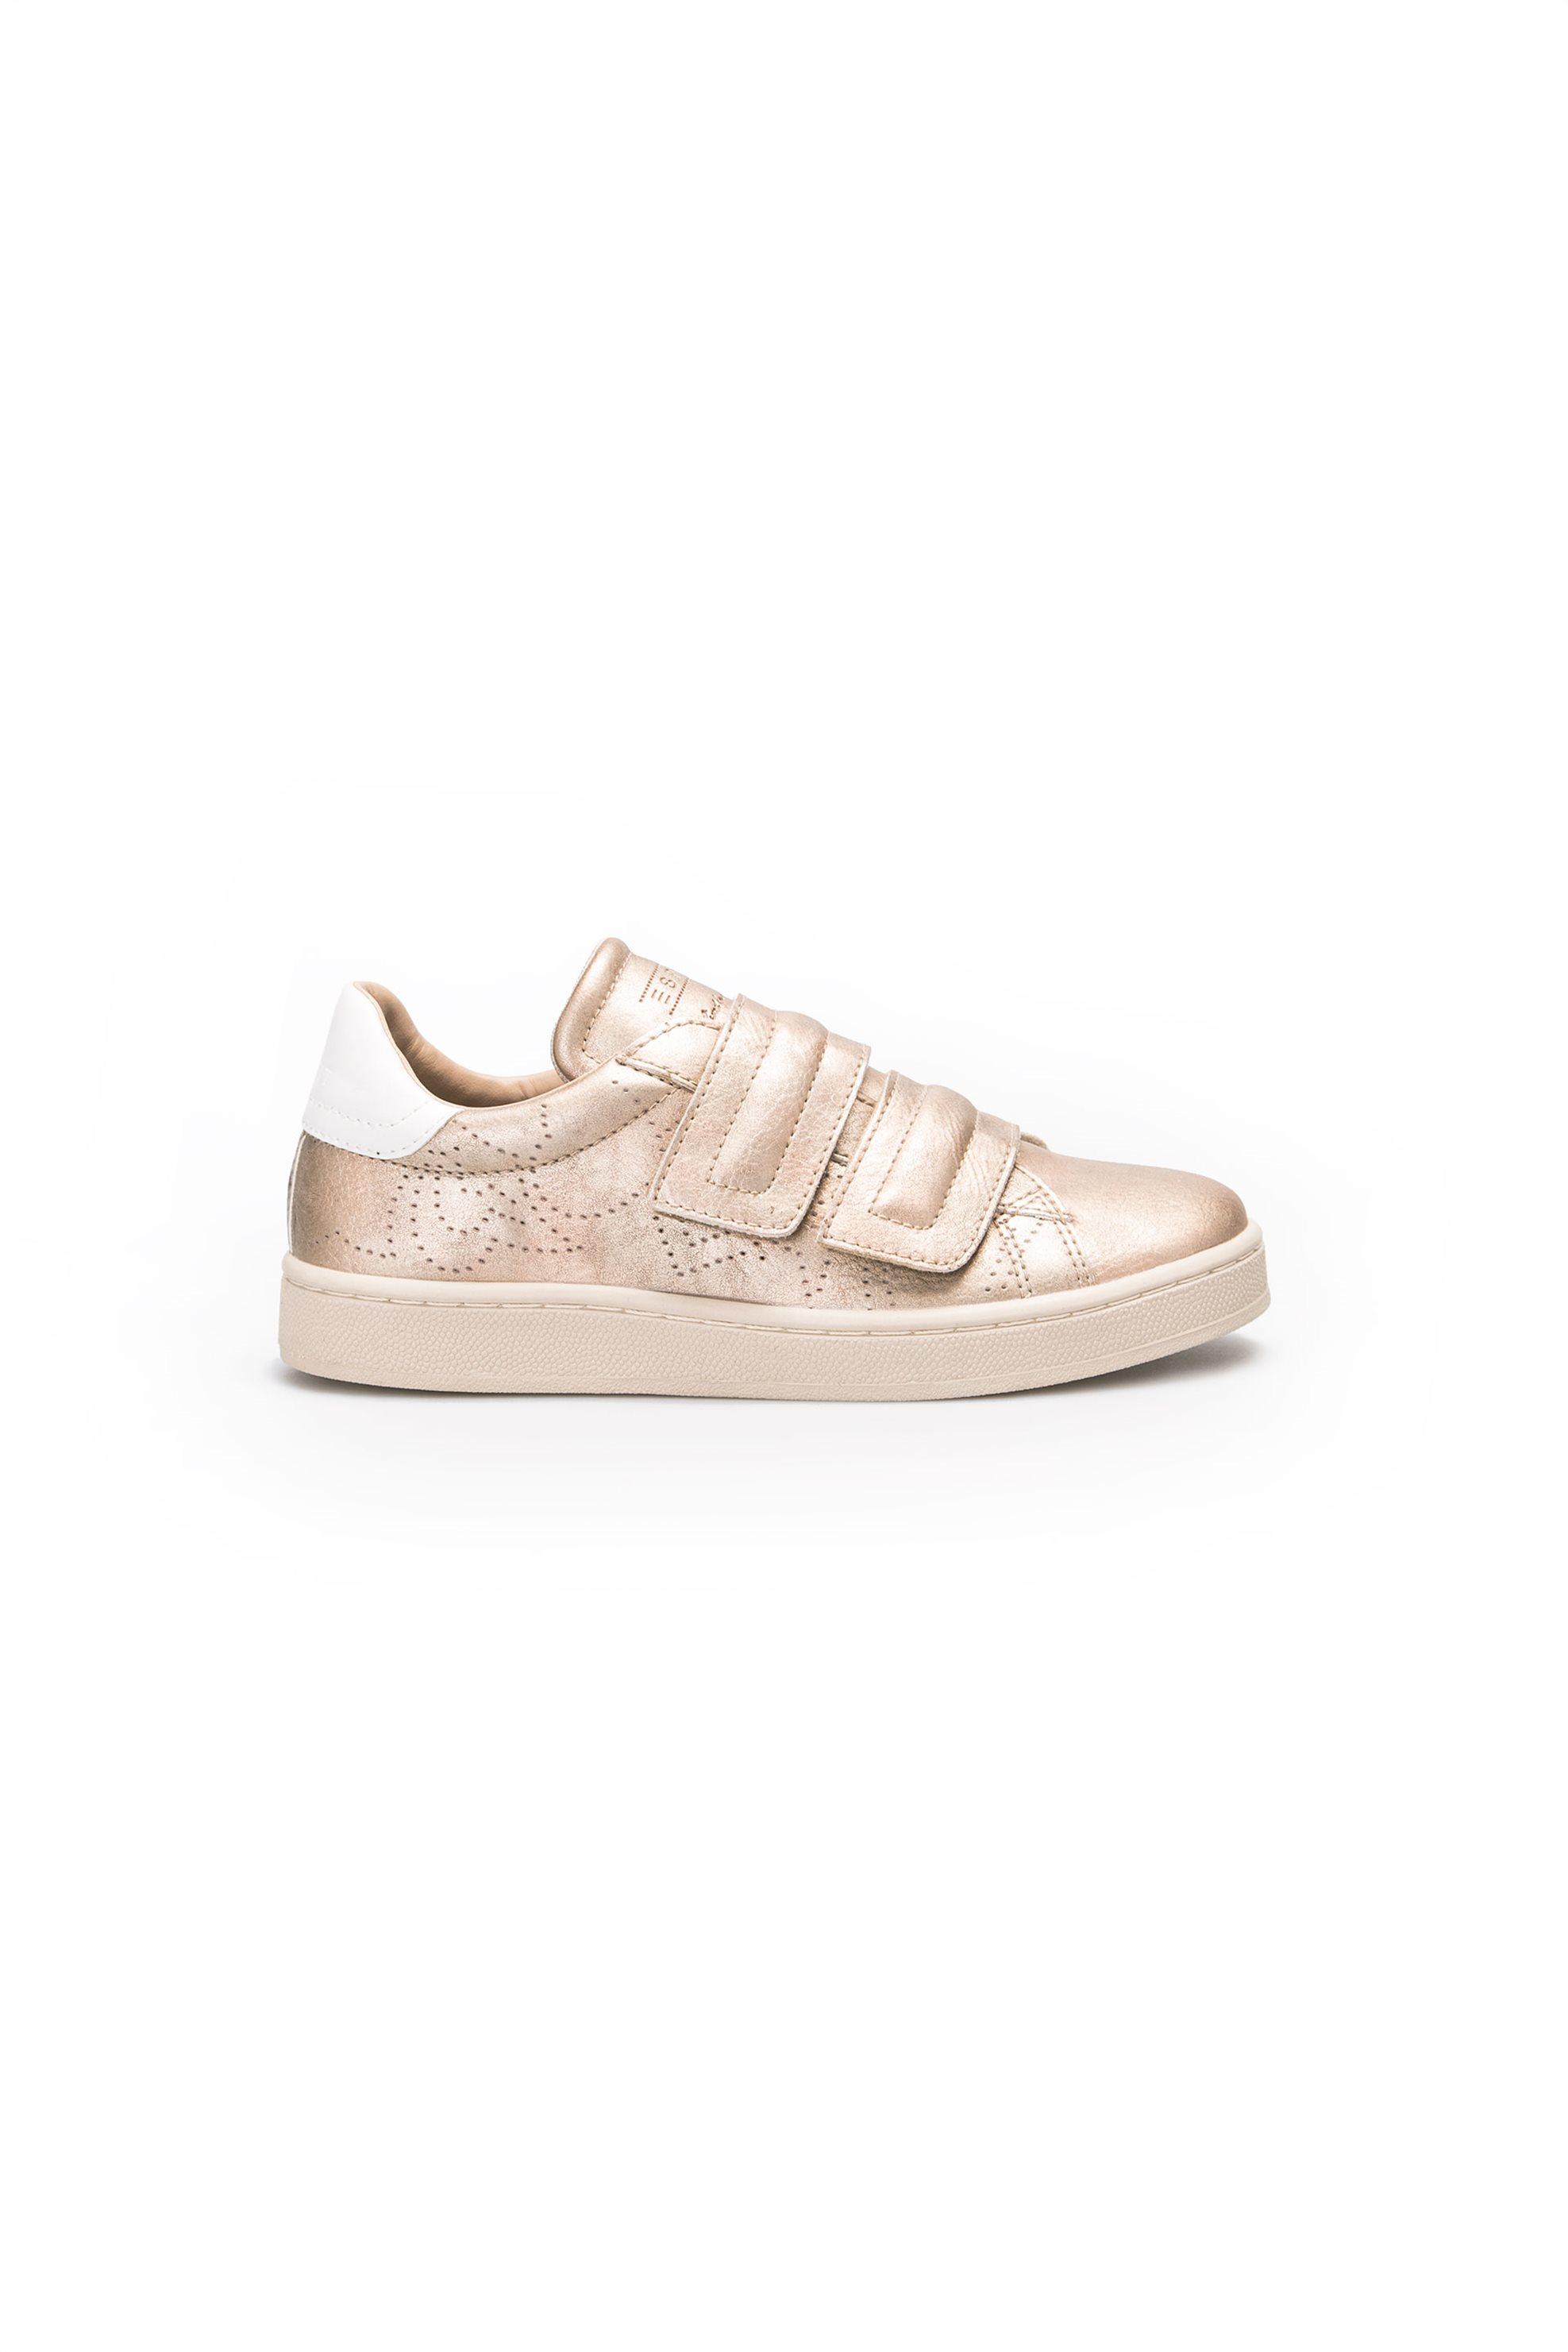 Γυναικεία παπούτσια Esprit - 087EK1W020 - Σομον γυναικα   παπουτσια   trainers   sneakers   χωρίς κορδόνια